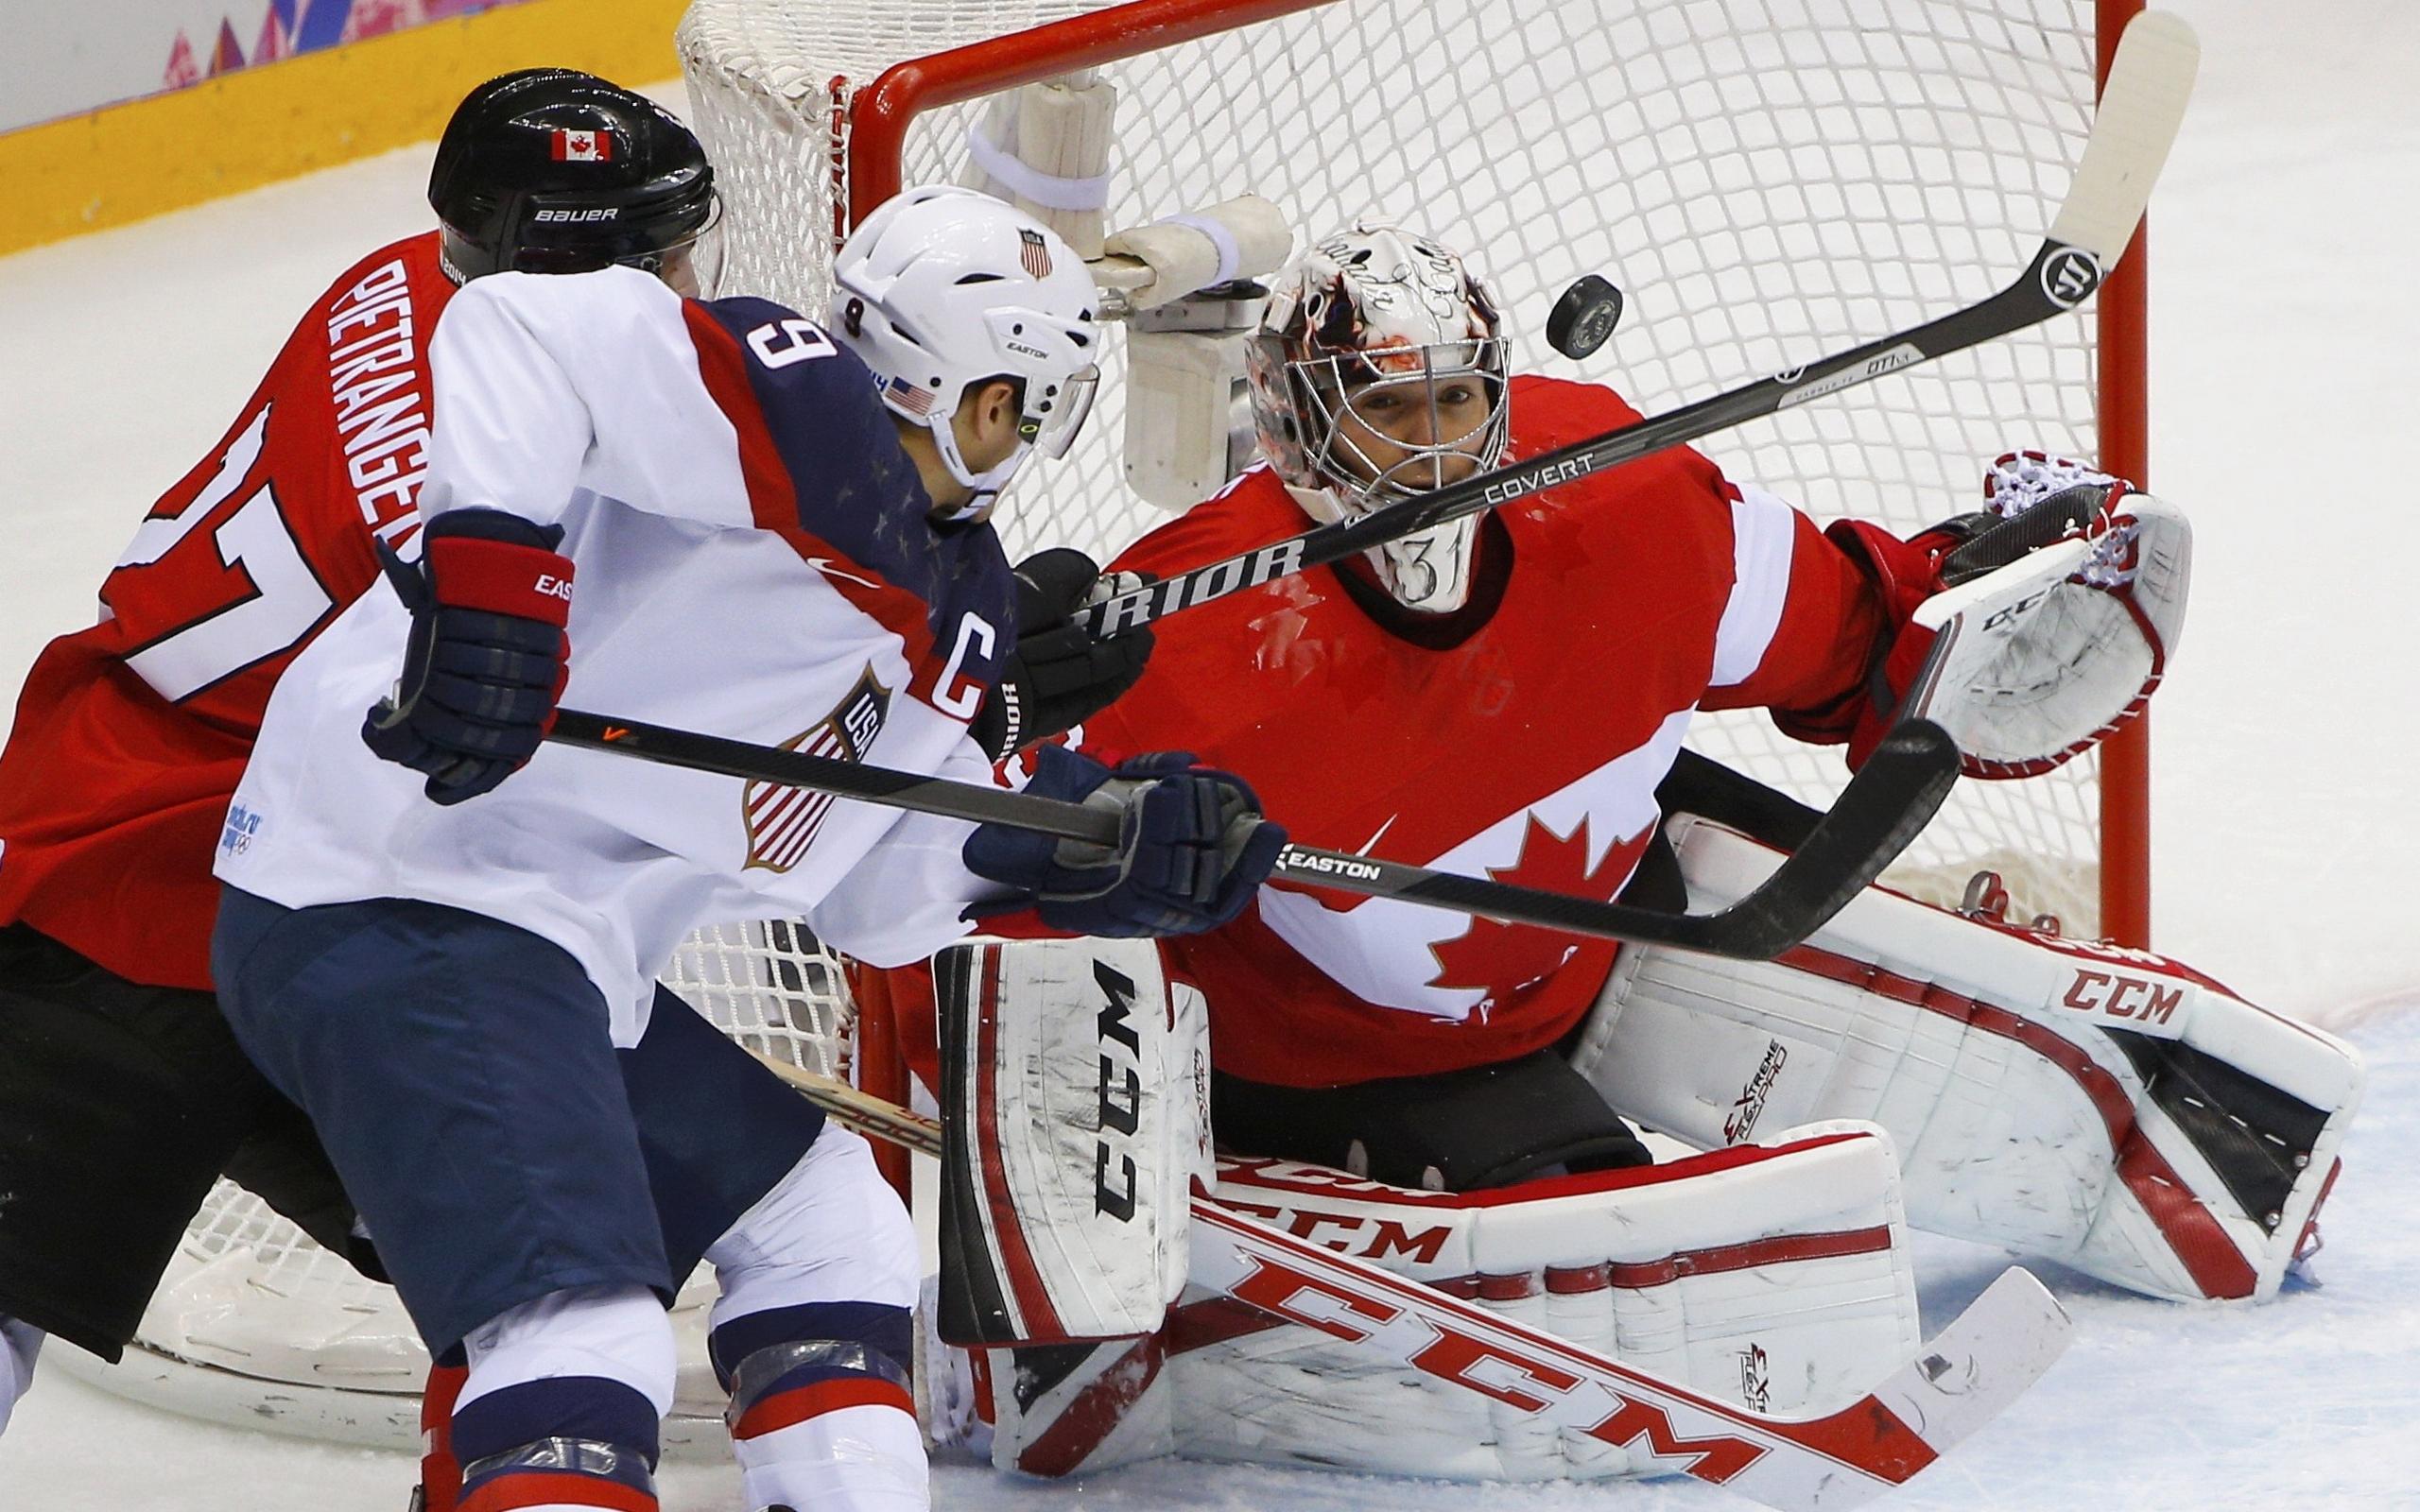 Сайт хоккейной фотографии